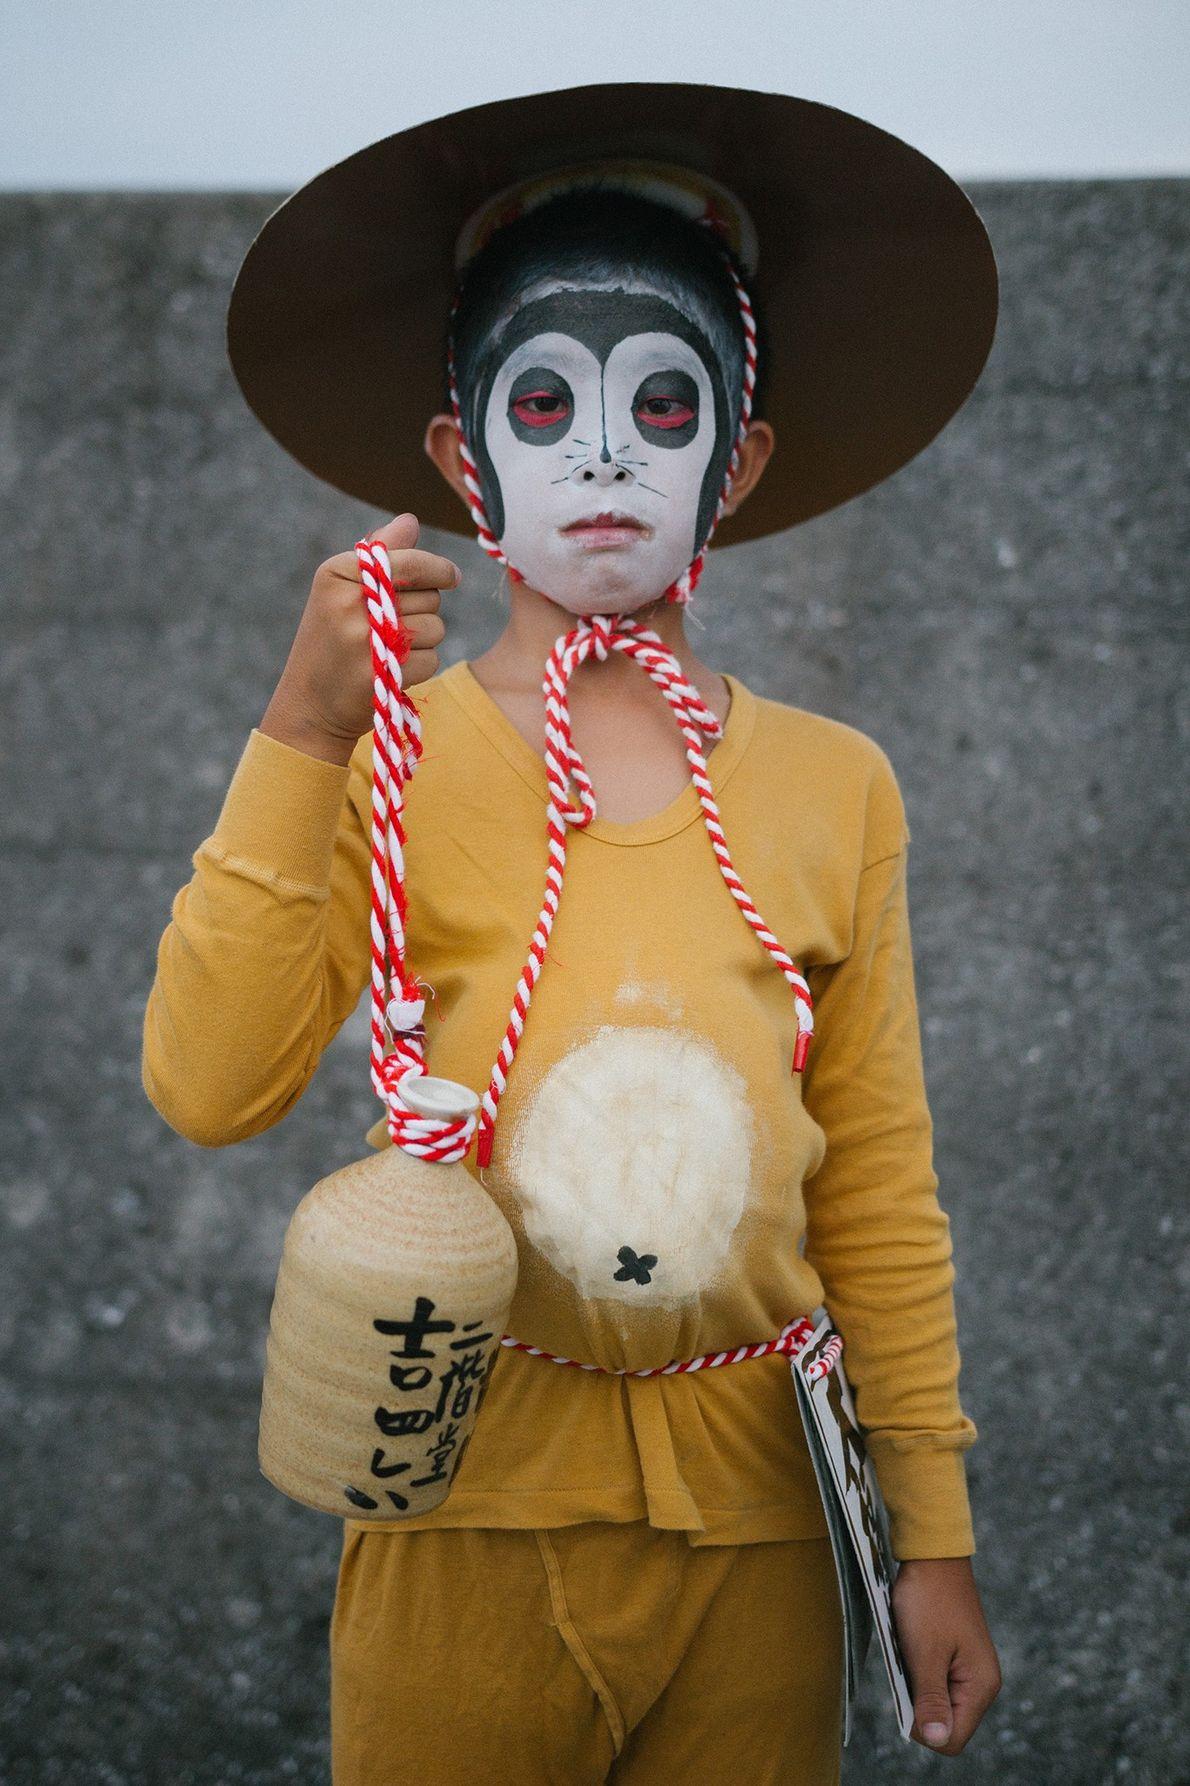 Crianças vestidas de personagens populares do folclore japonês – kitsune, geisha e tanuki – posam para ...